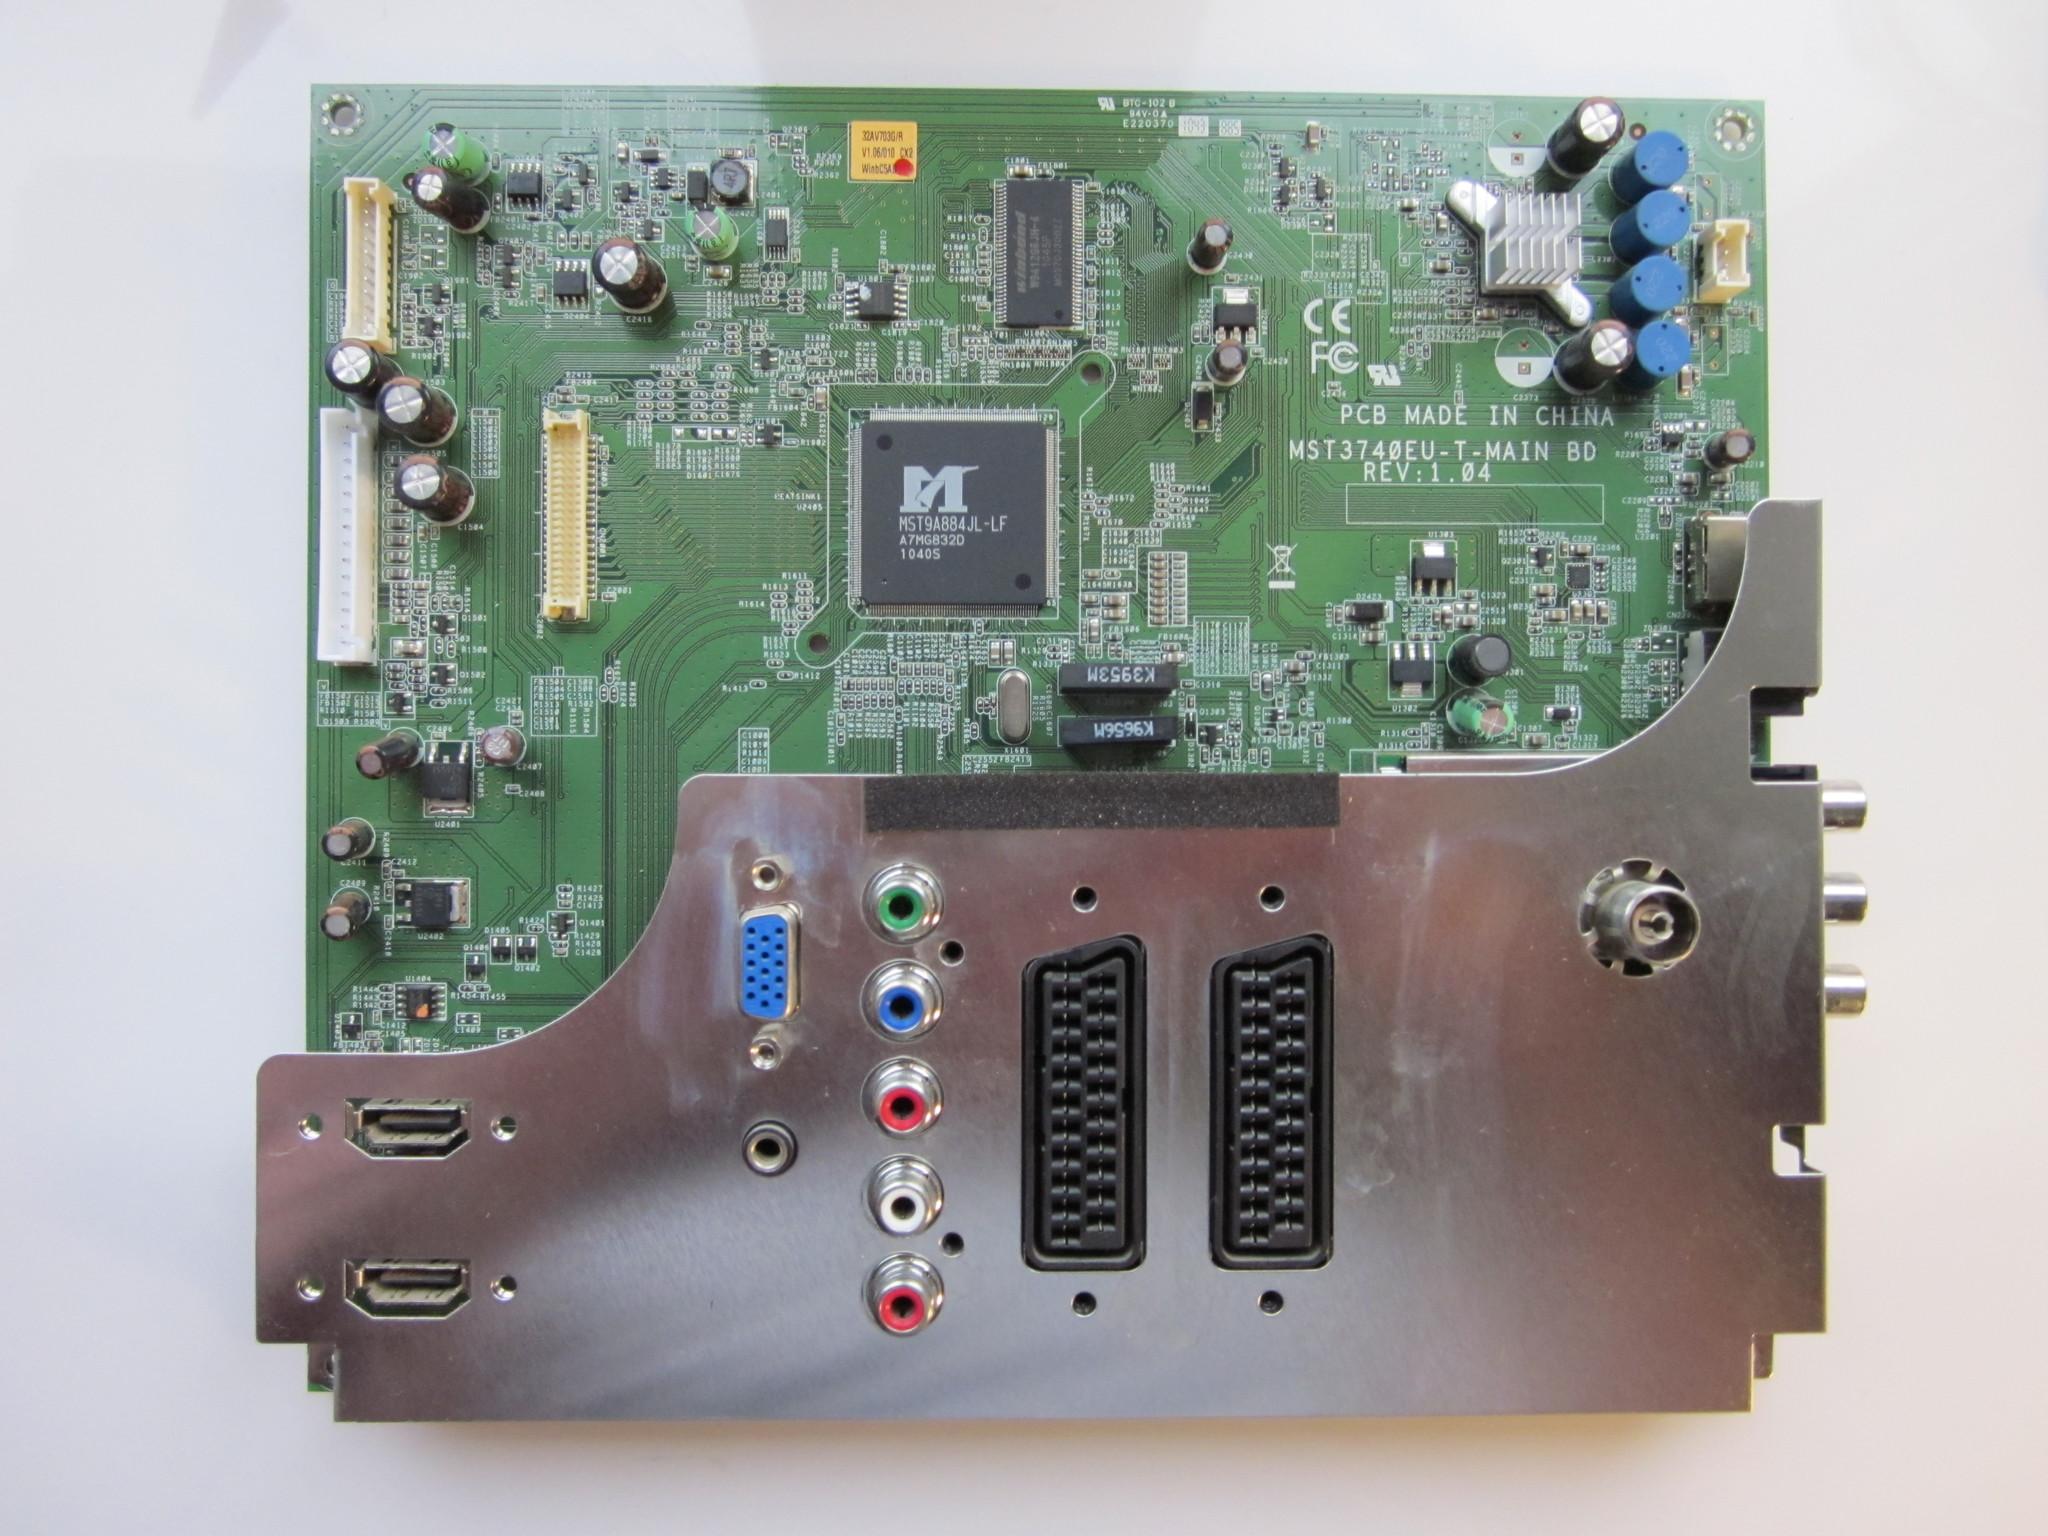 MST3740EU-T-MAIN BD REV:1.04